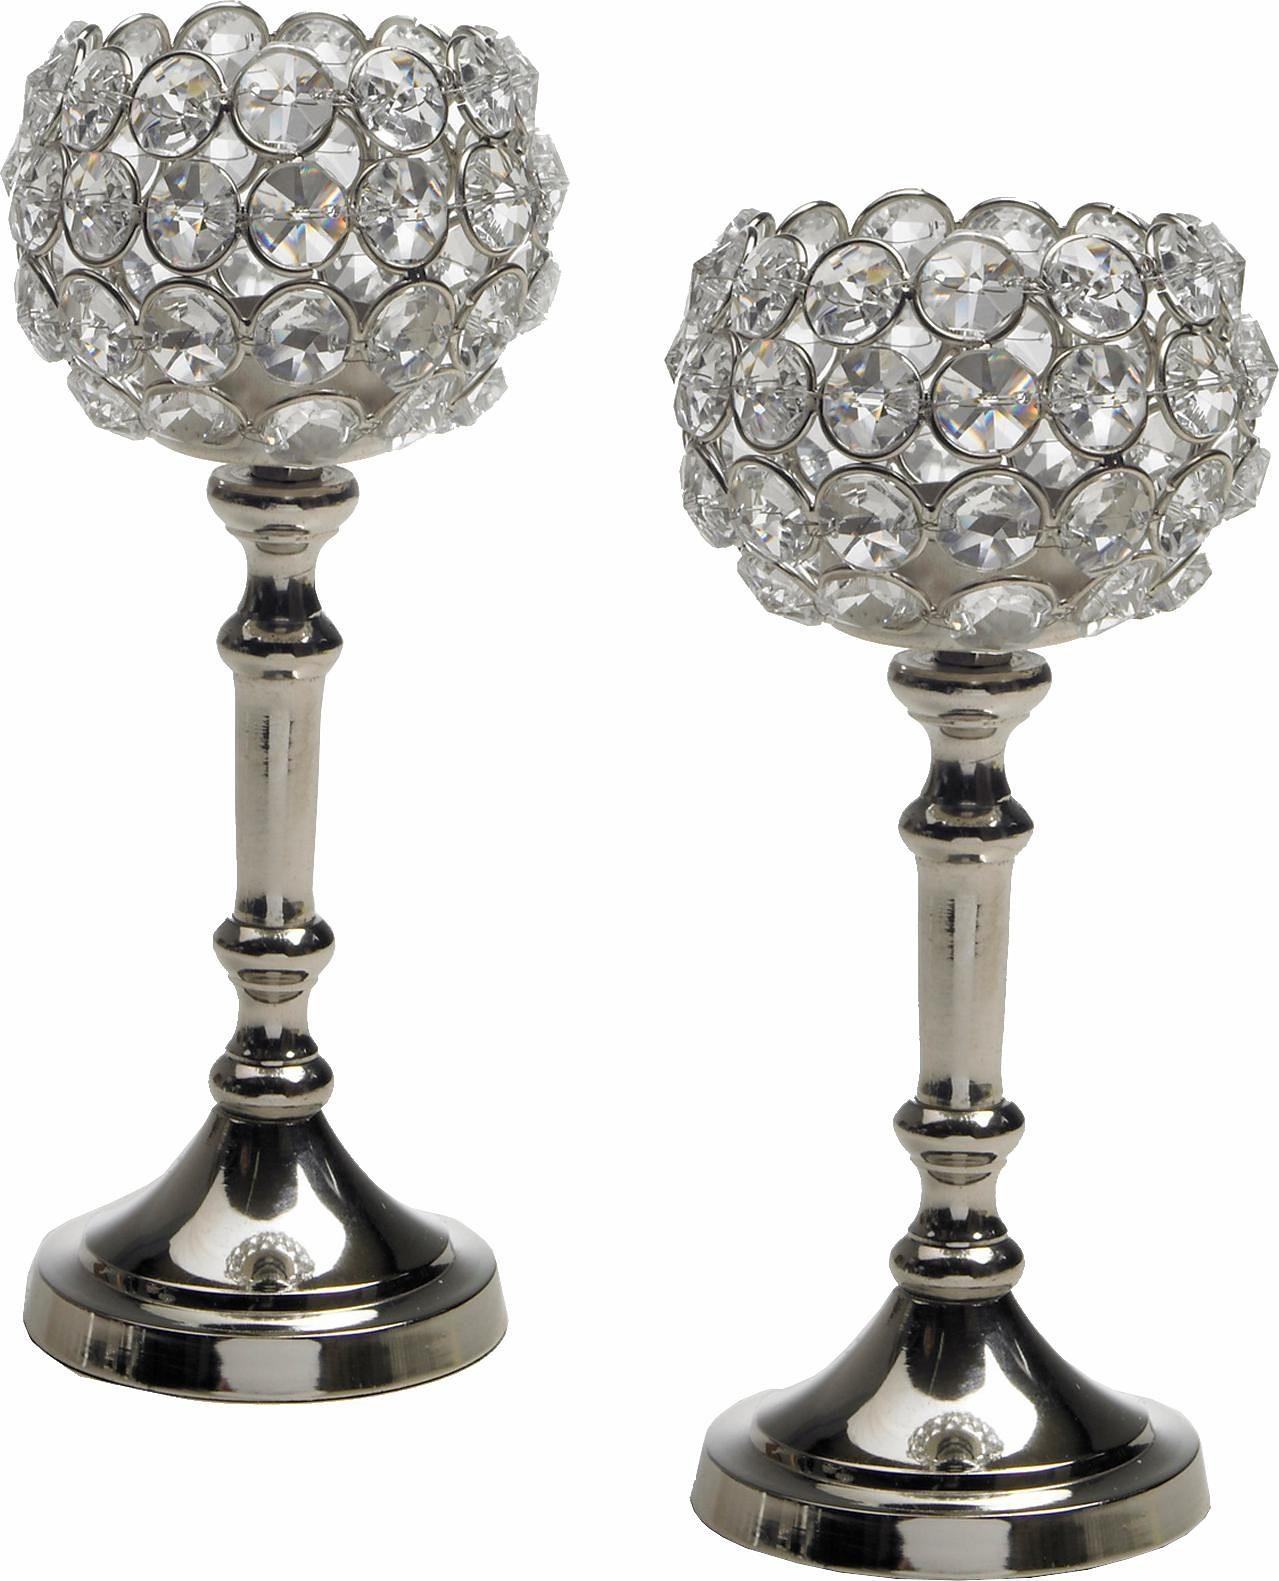 SPARSET Home affaire Teelichthalter »Kristall« (2er Set)